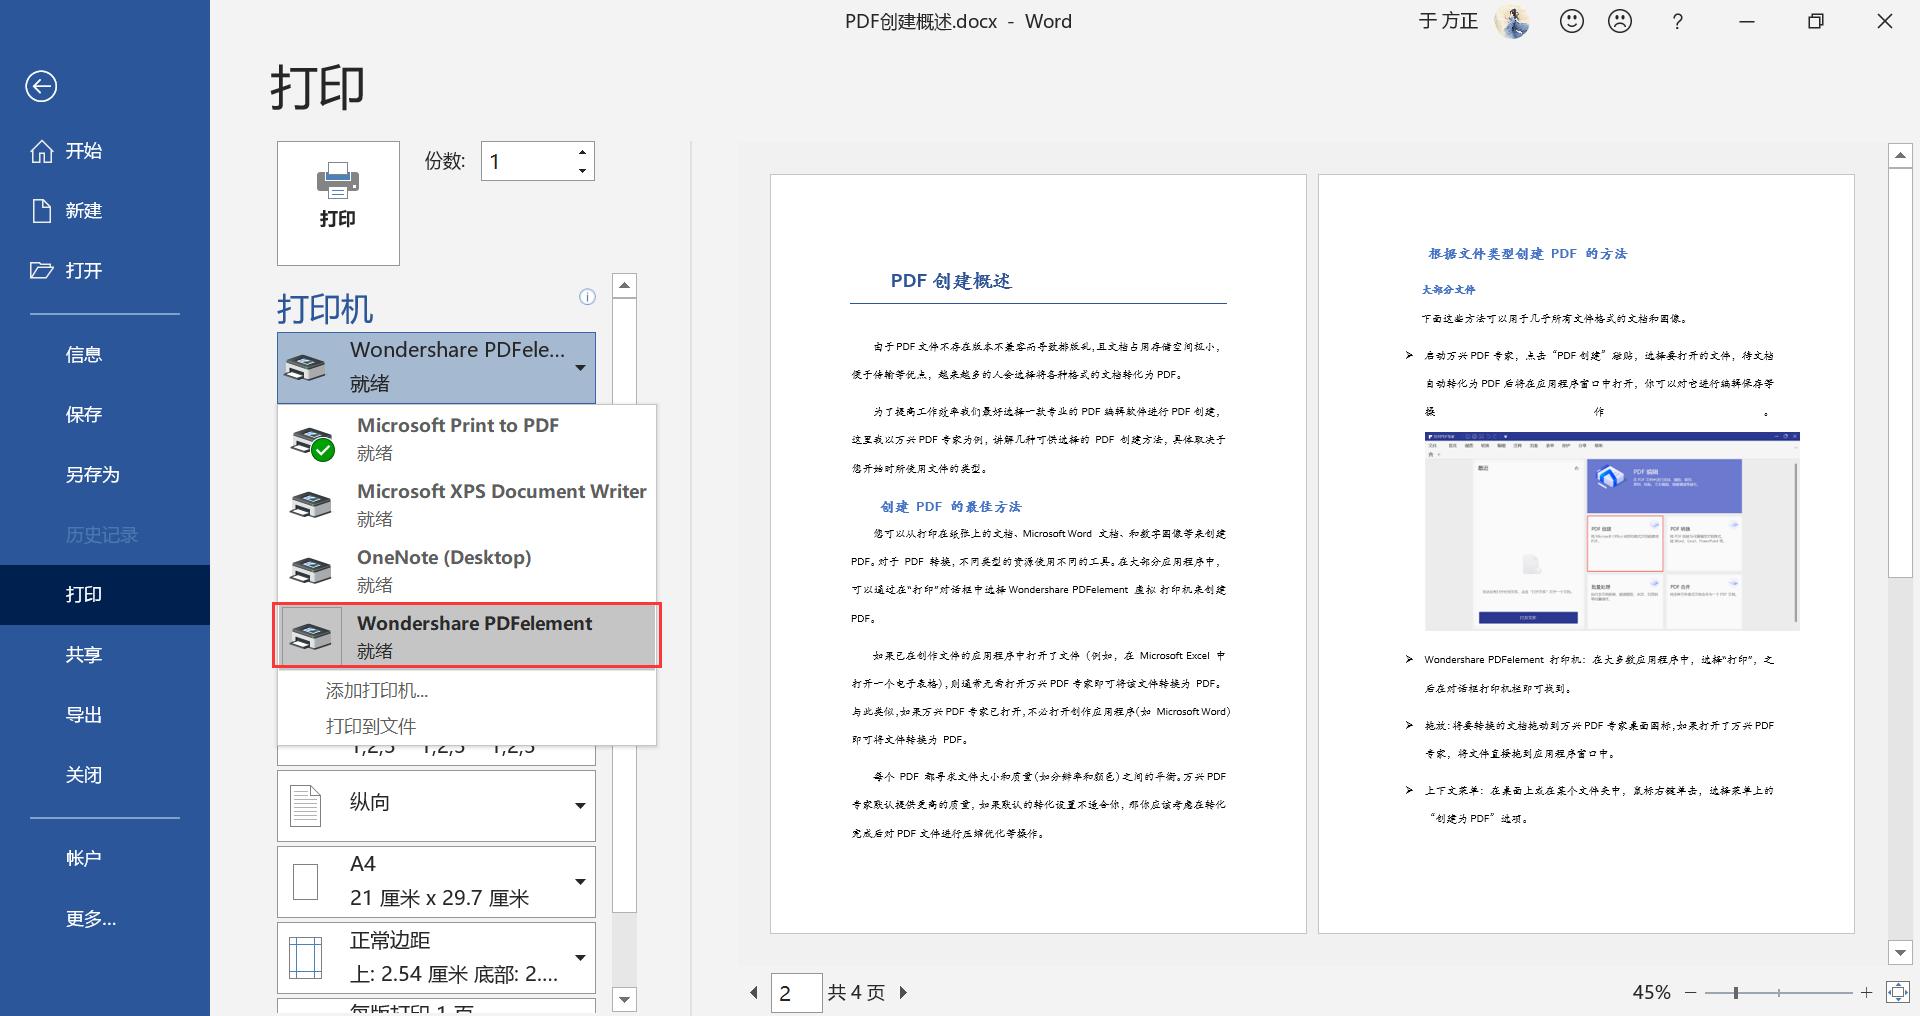 创建PDF文档步骤2